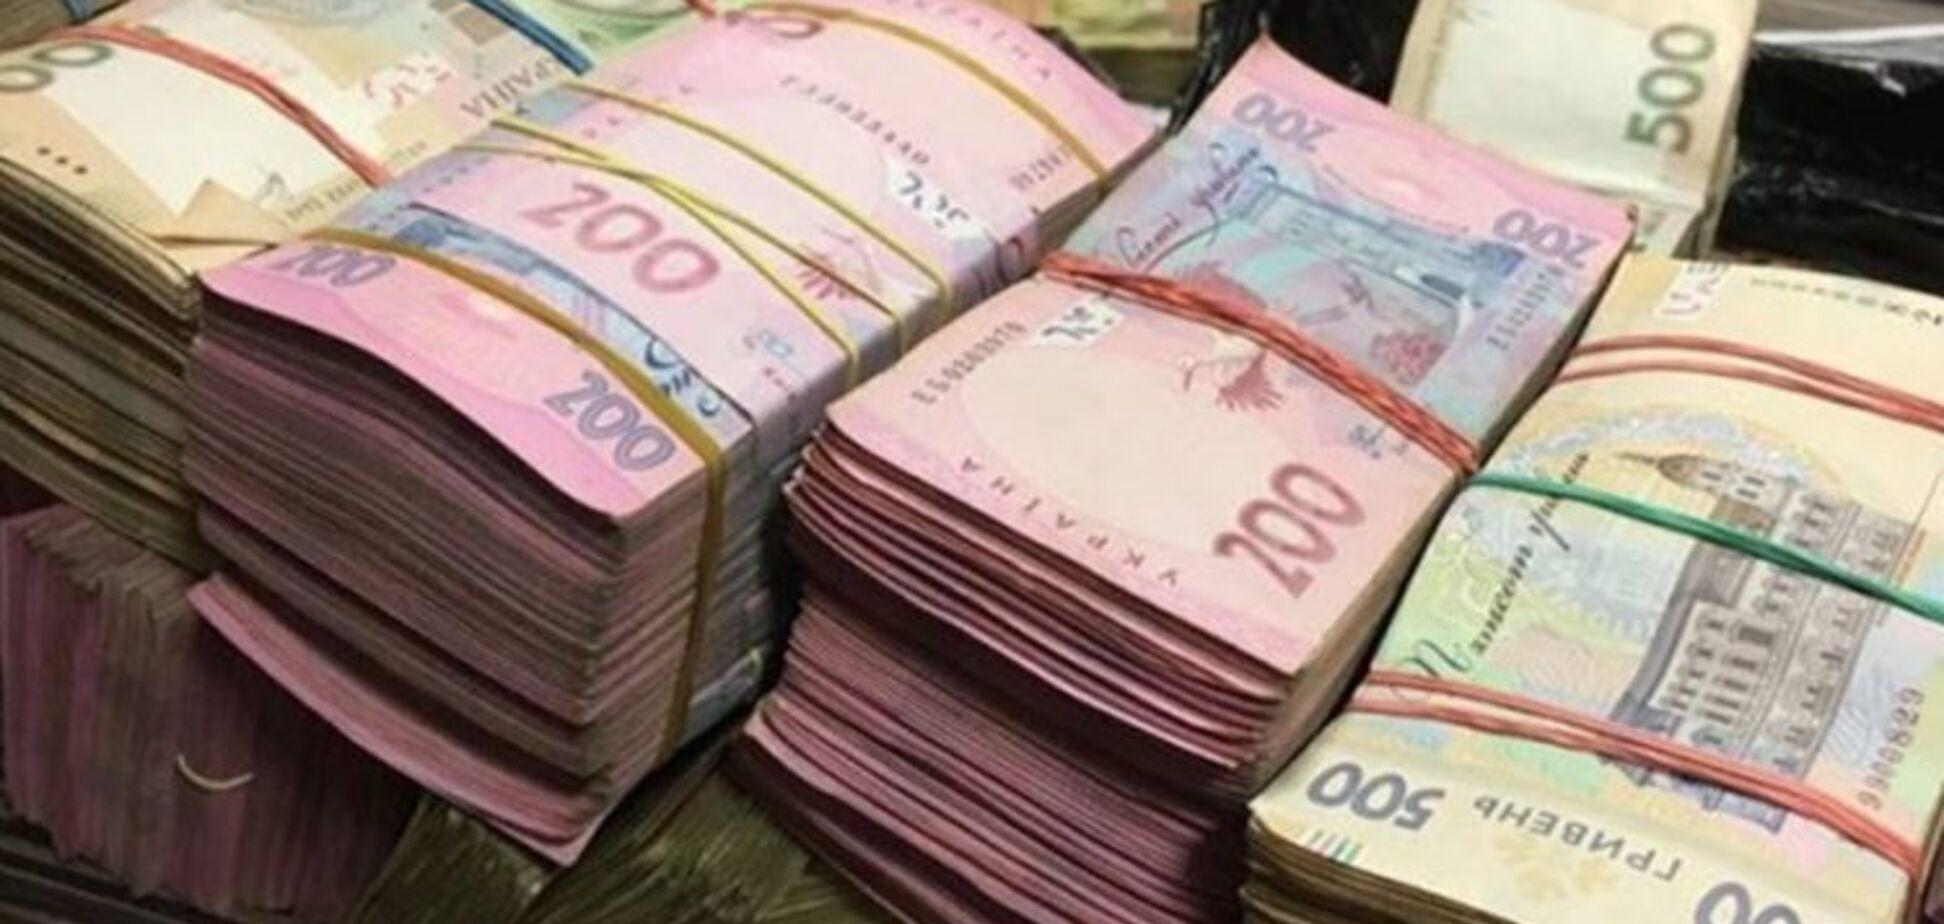 Появились пикантные подробности о пакете денег в туалете 'новой мэрии' в Одессе